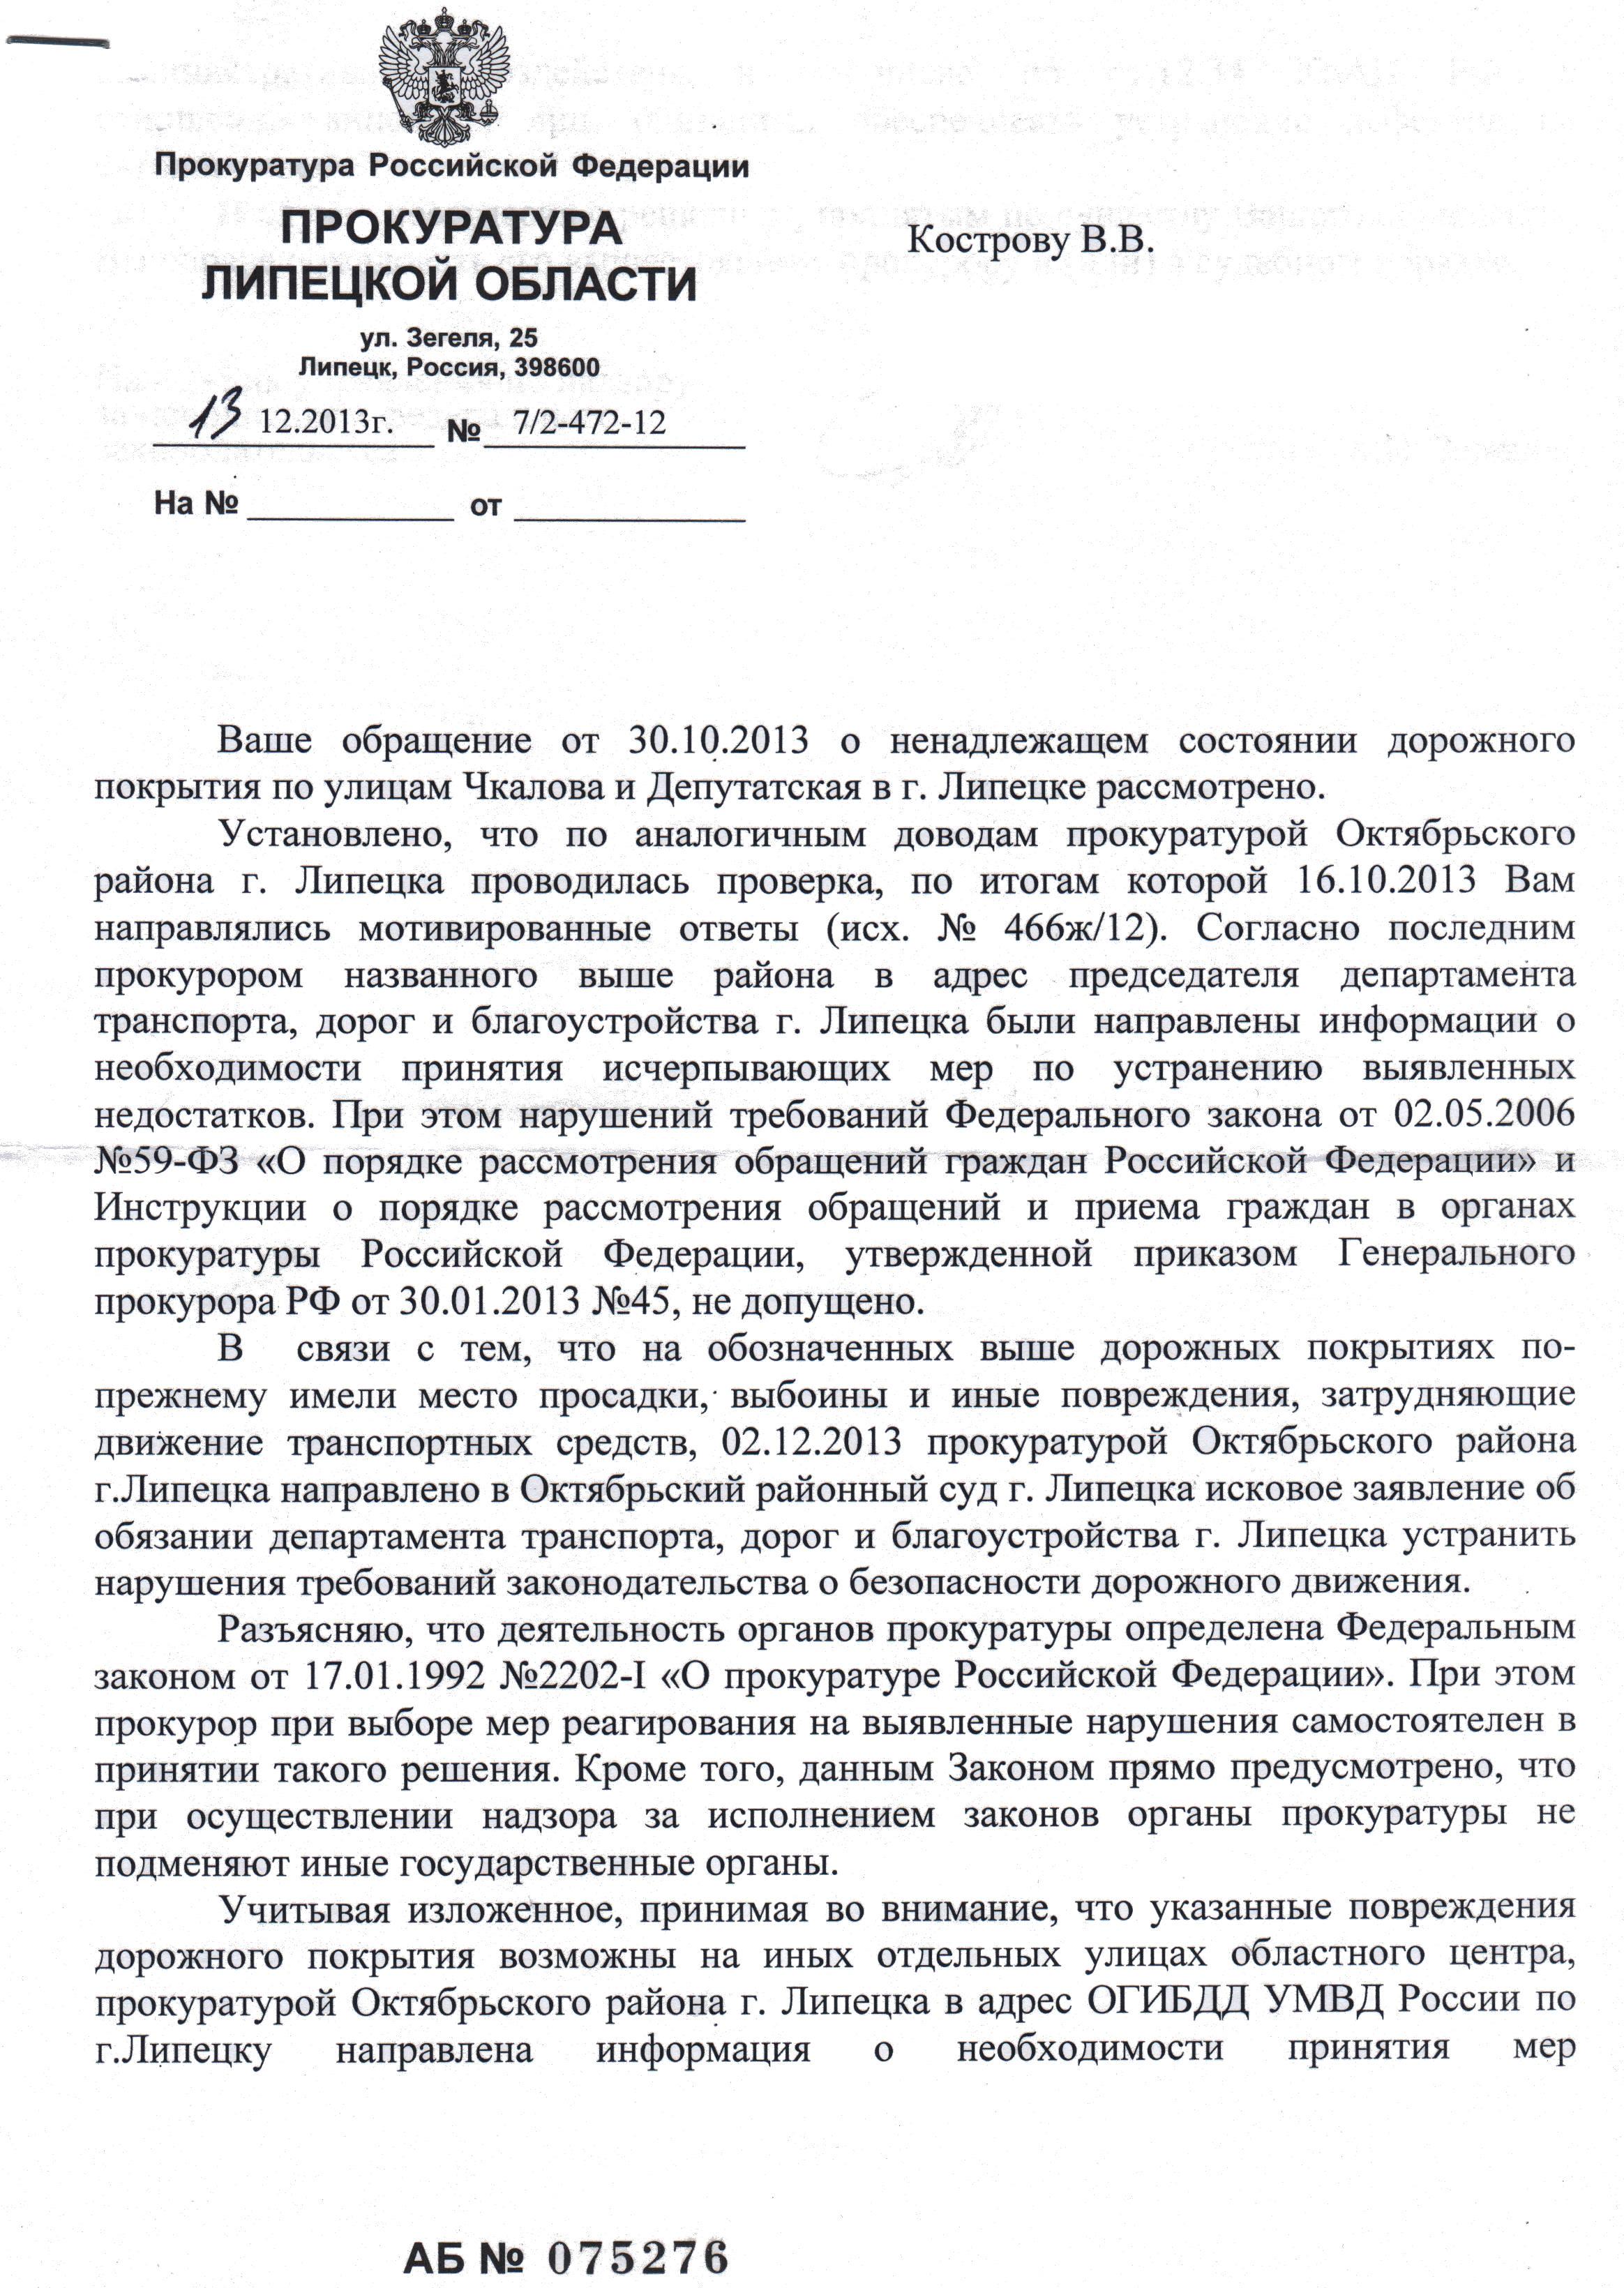 Исковое заявление о взыскании денежных средств с физического лица по договору аванса